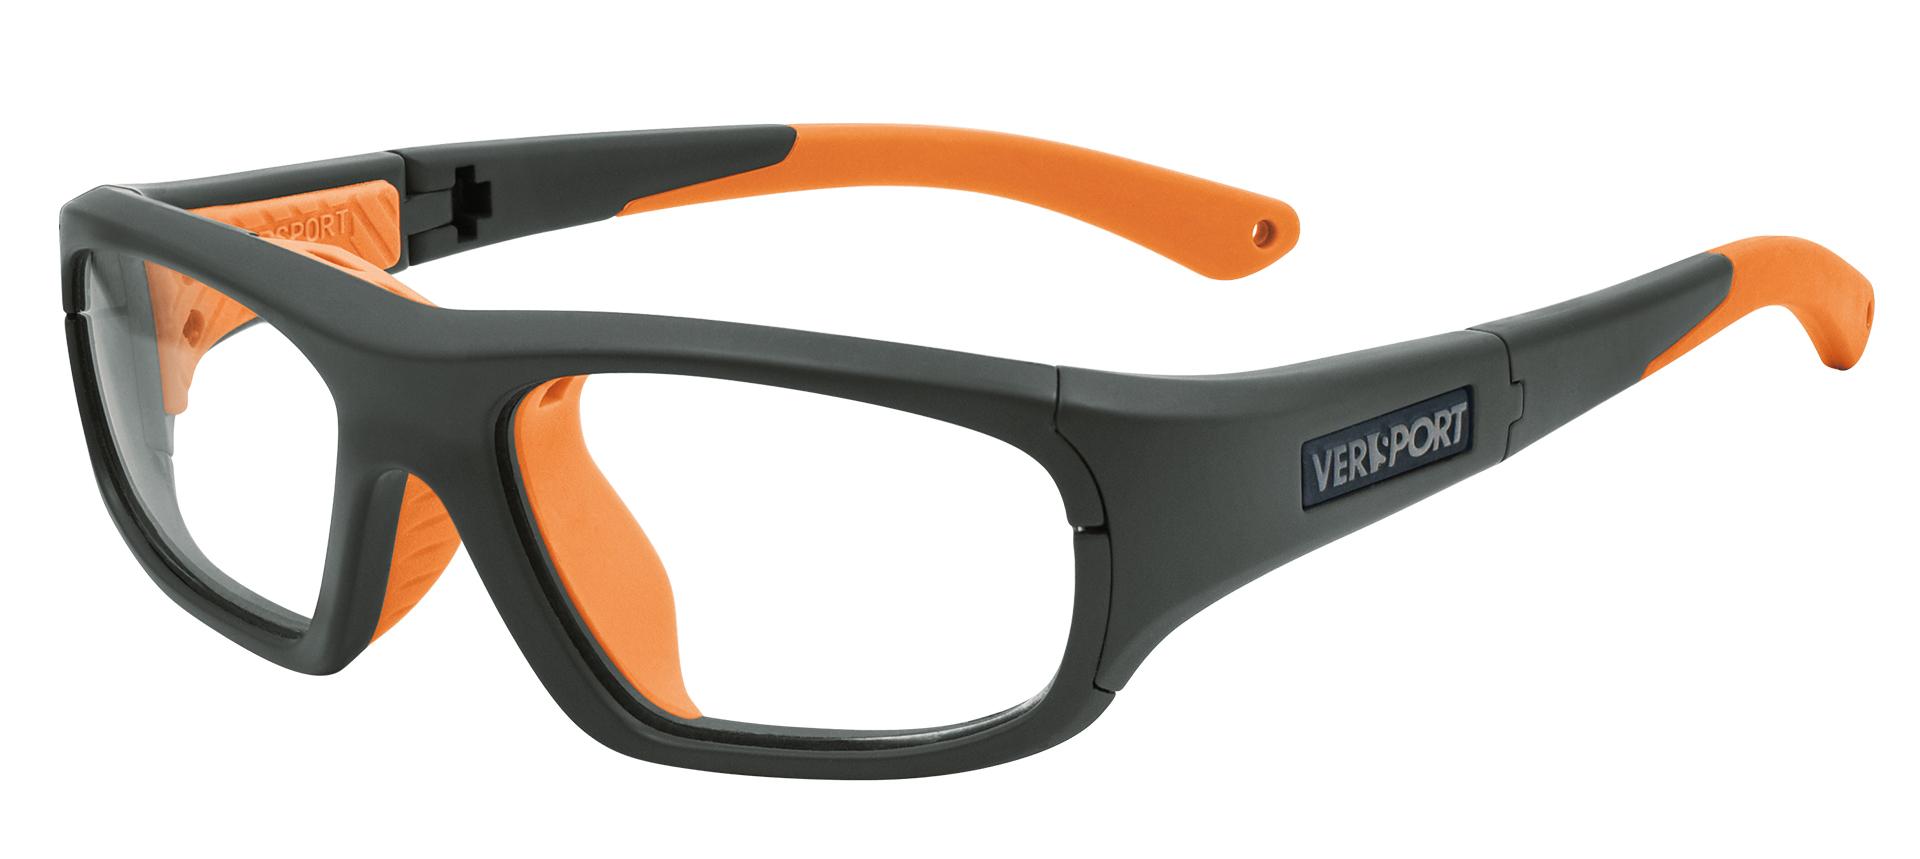 5bb777d8e9a Eyewear for Kids - Optiwow